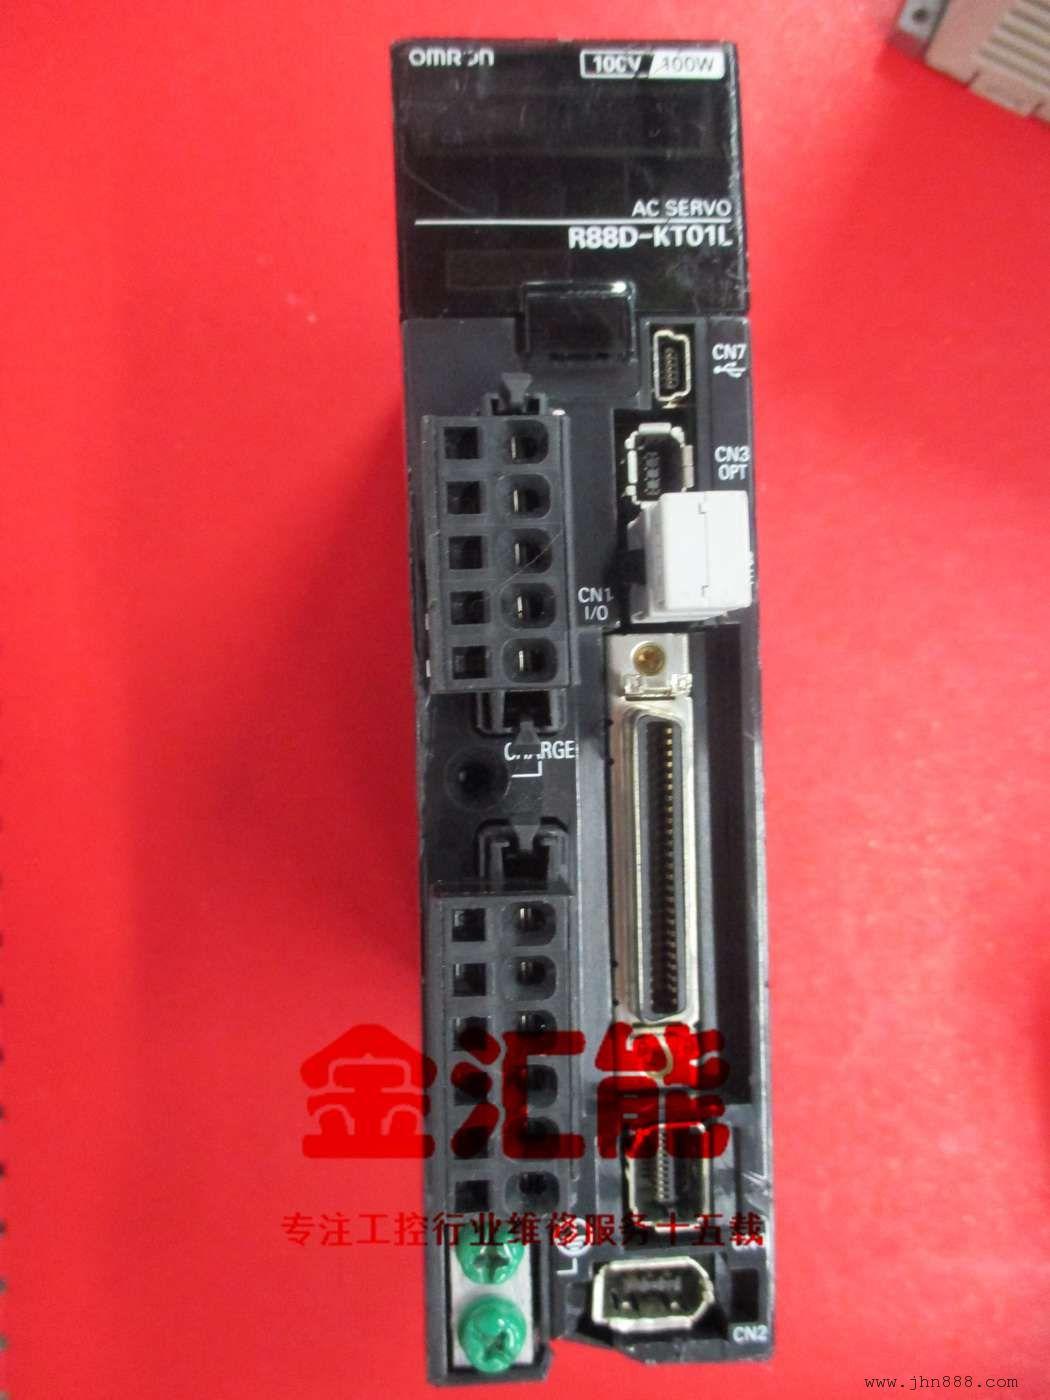 欧姆龙伺服驱动器r88d-kt01l维修